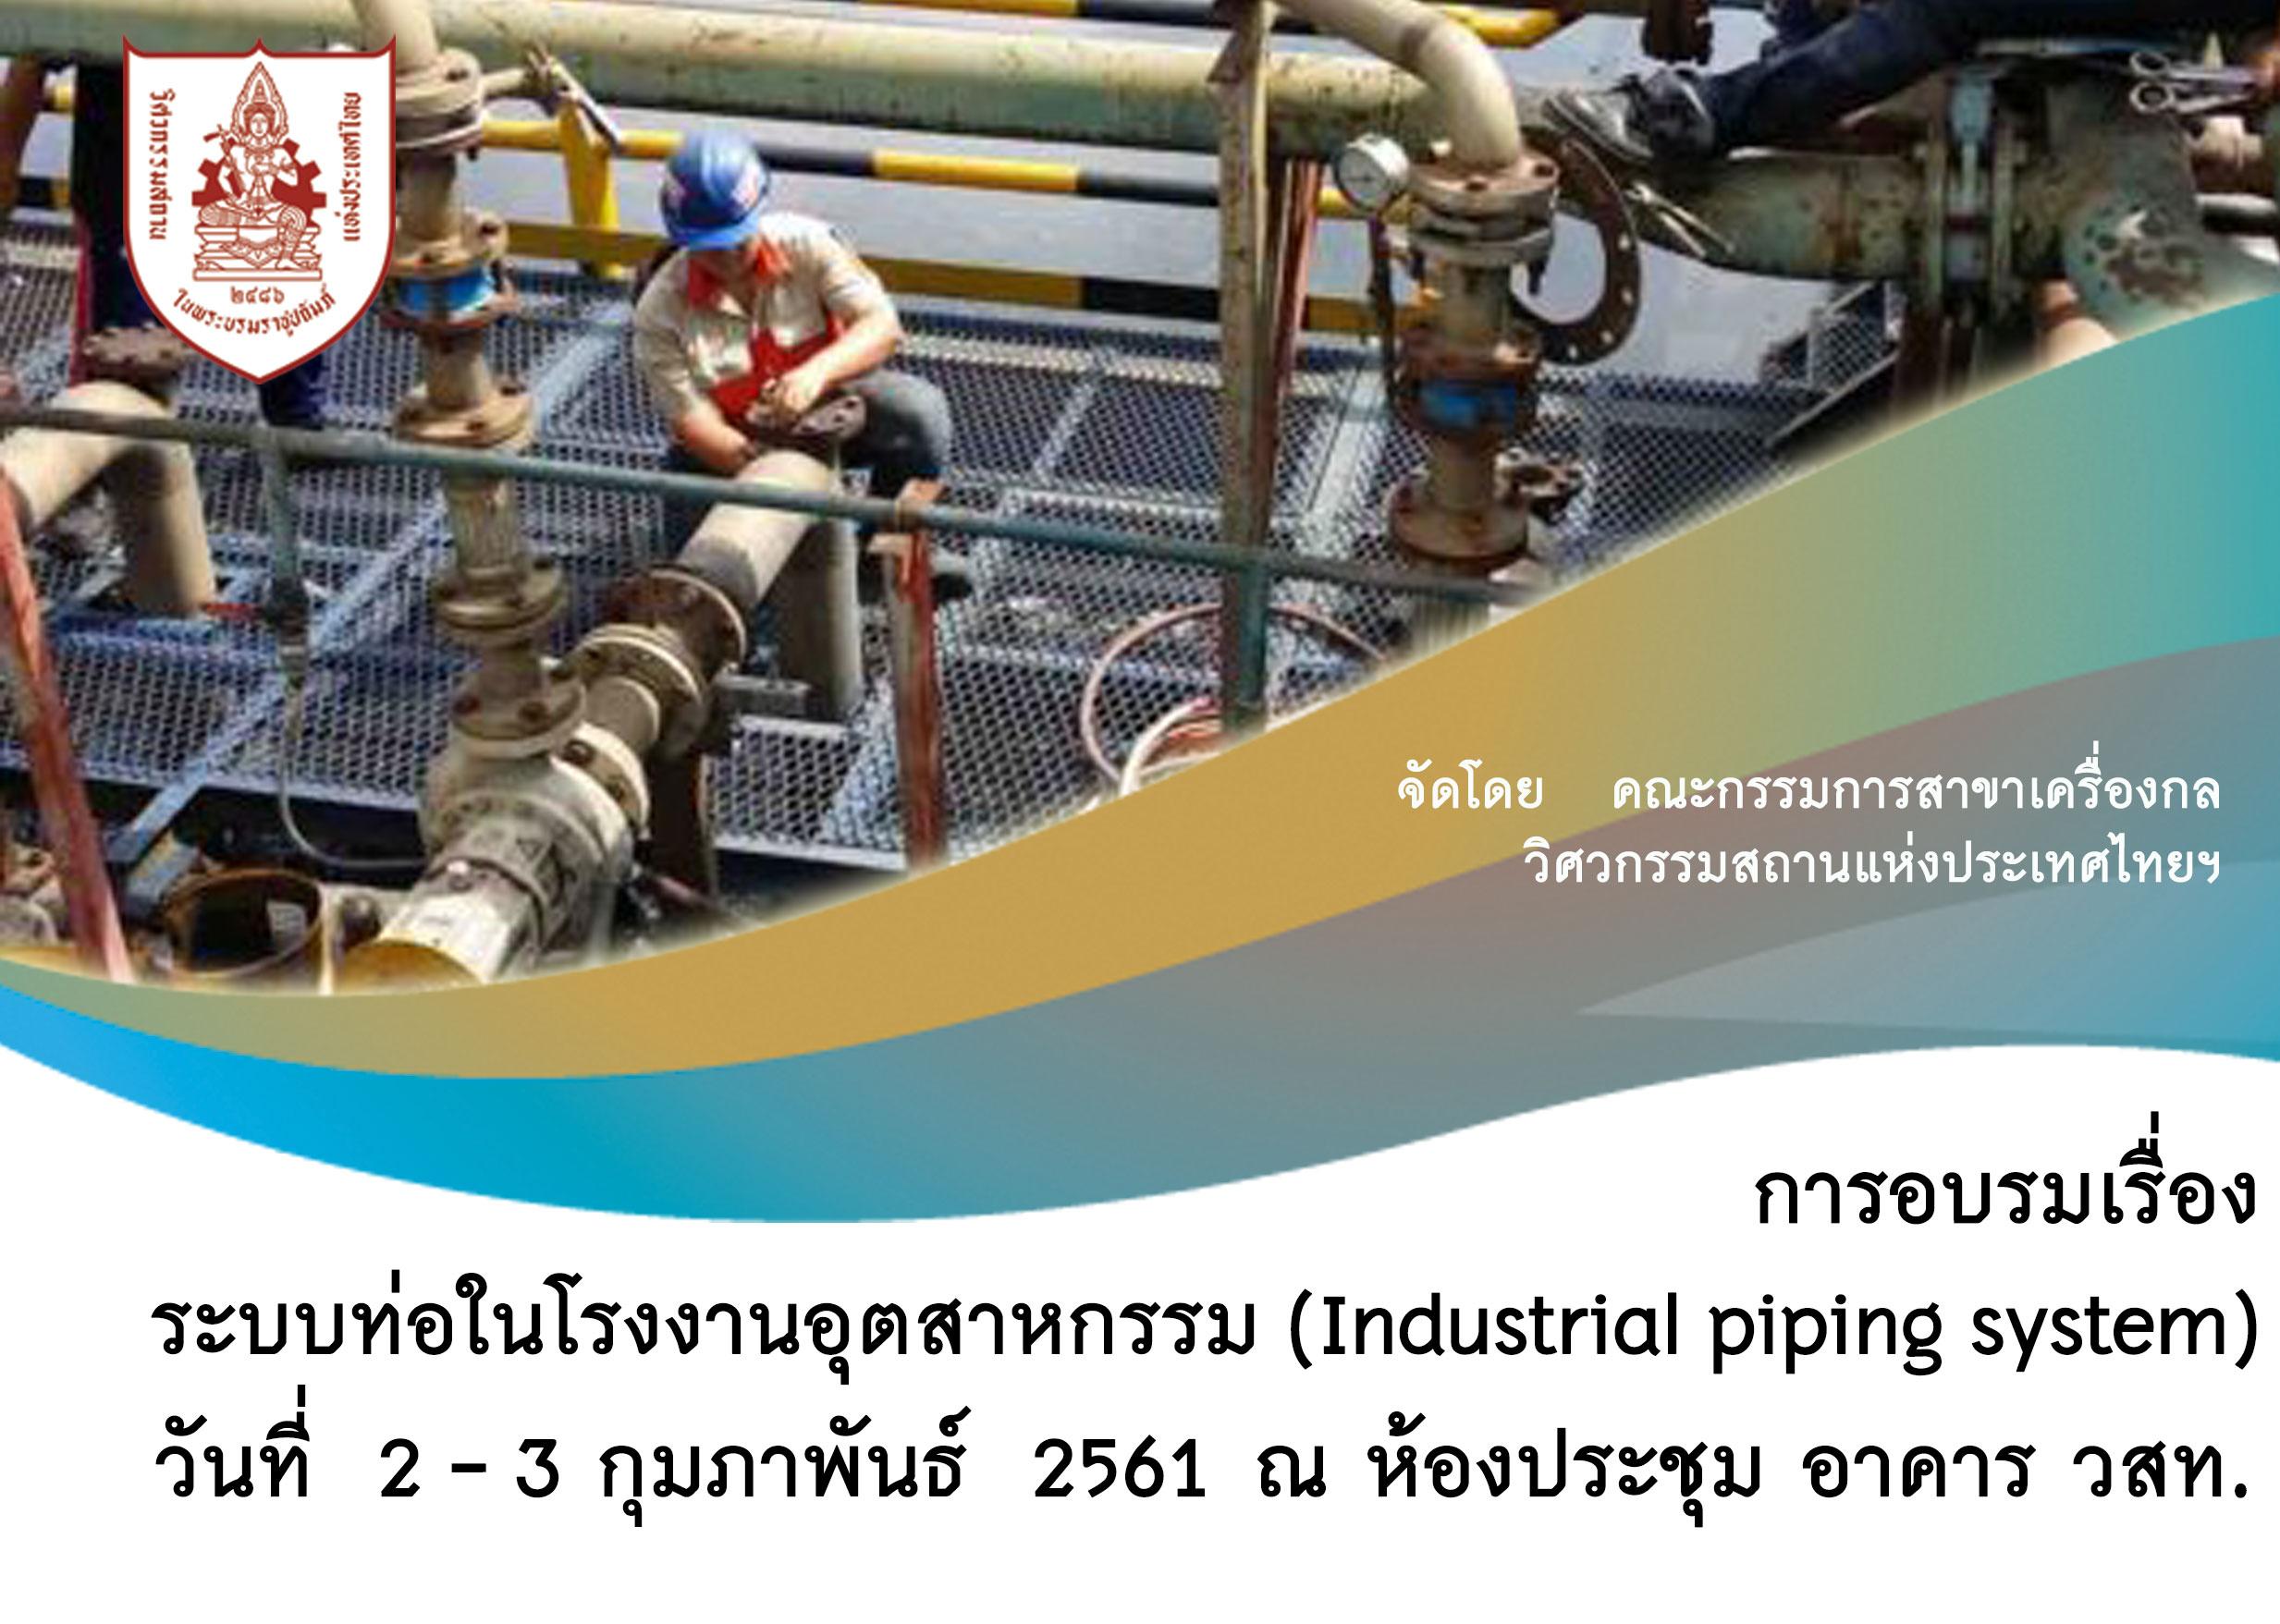 2-3/02/2018 การอบรมเรื่อง ระบบท่อในโรงงานอุตสาหกรรม (Industrial piping system) รุ่นที่ 16